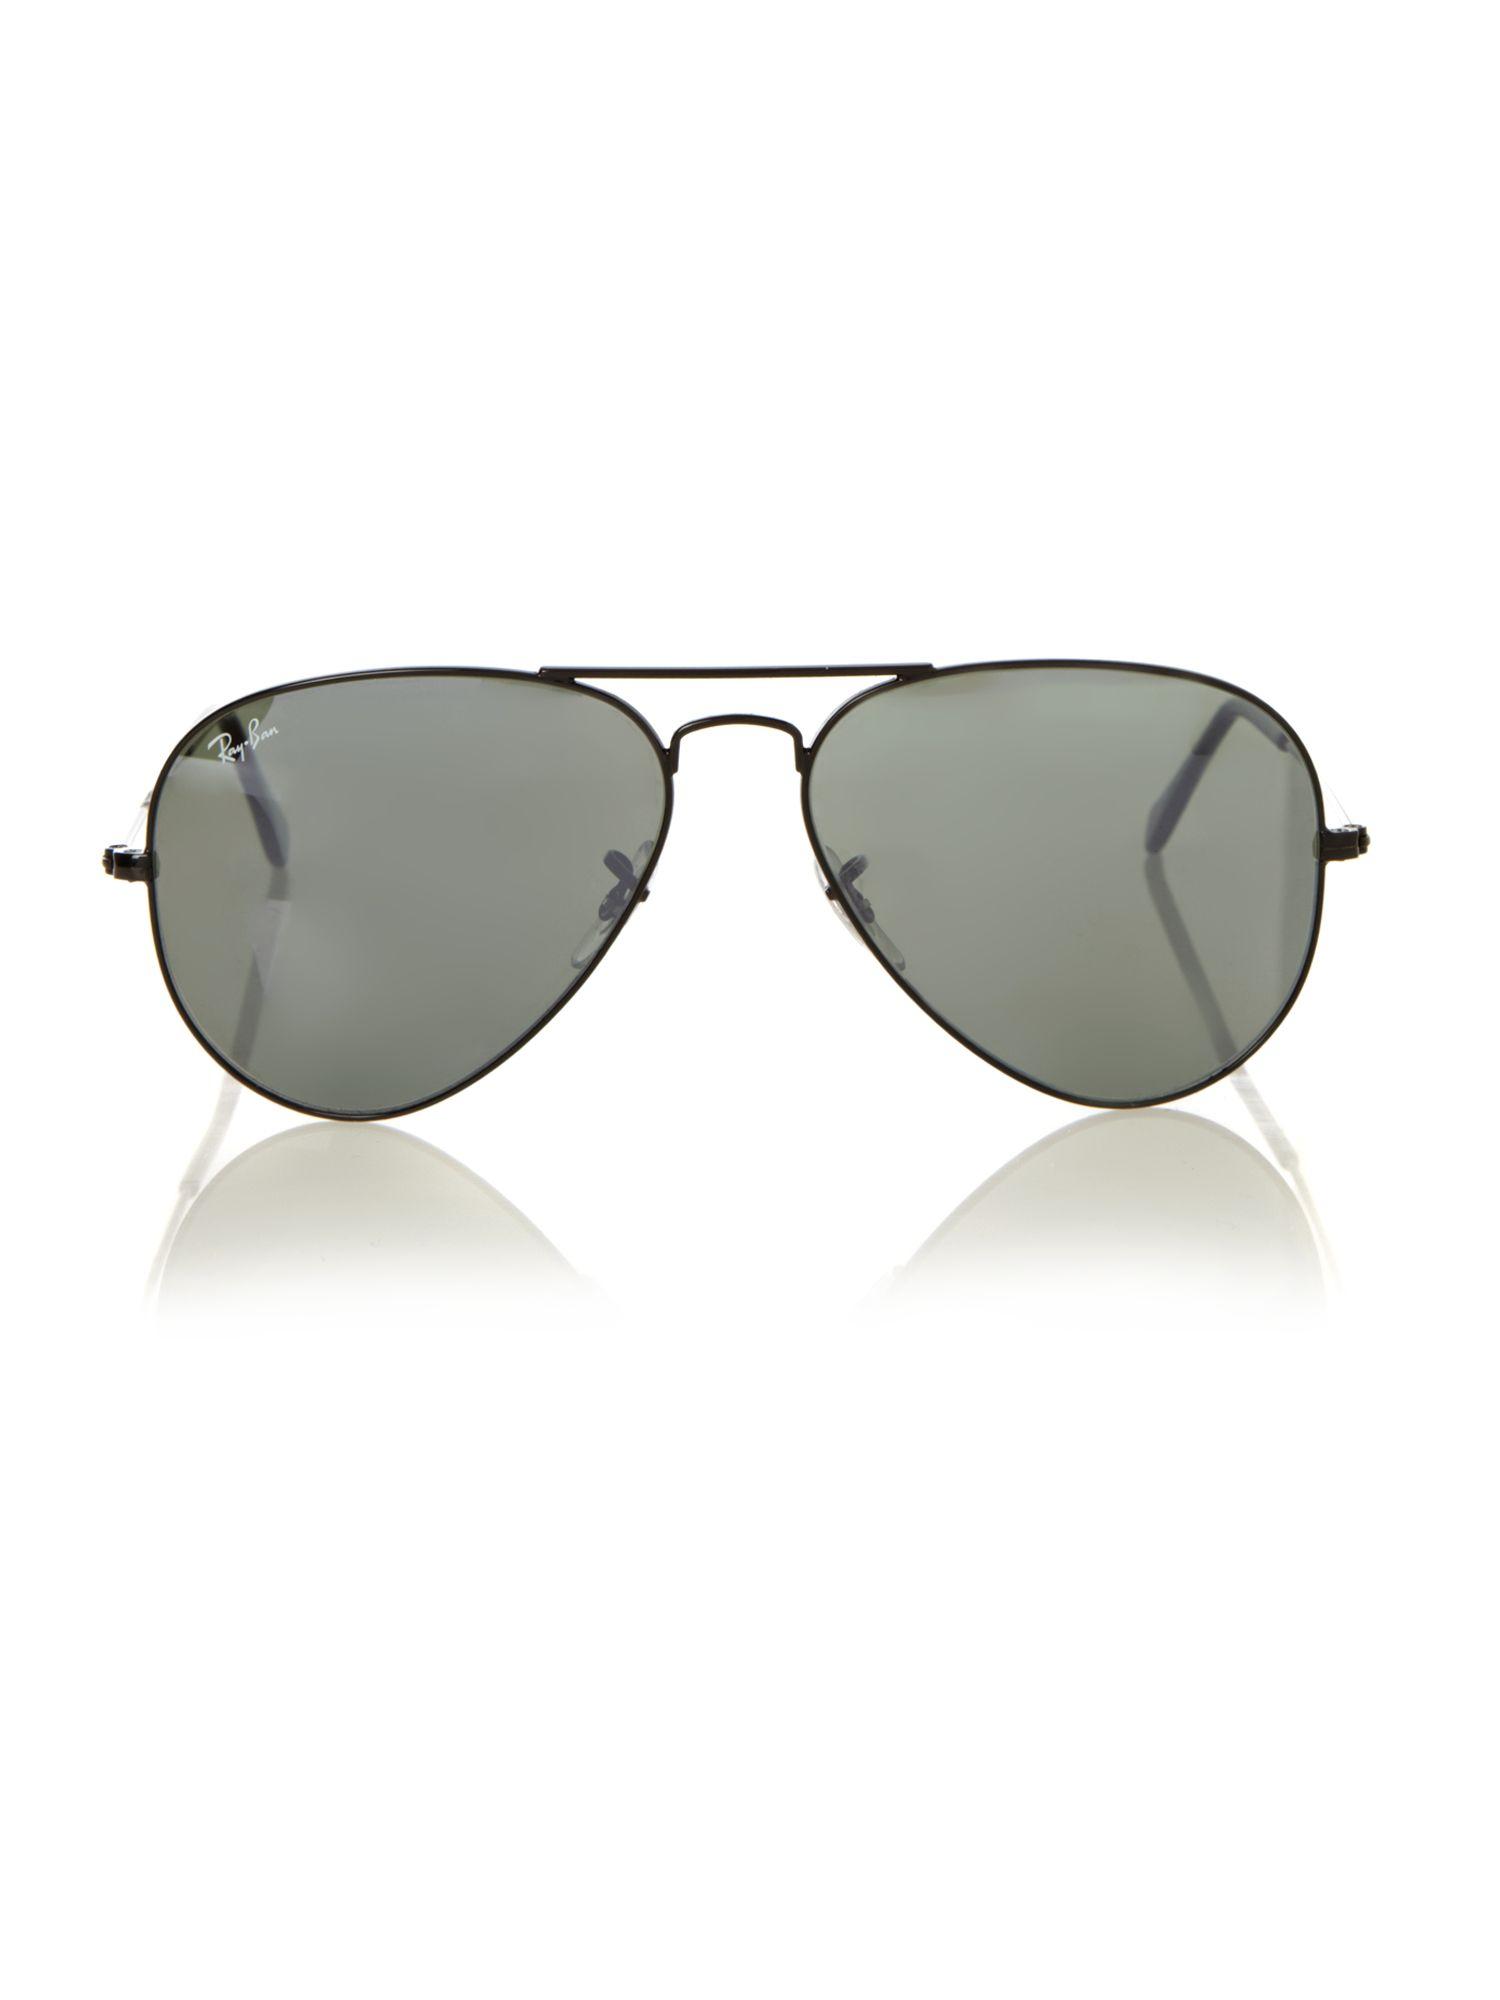 Ray ban aviator очки фото